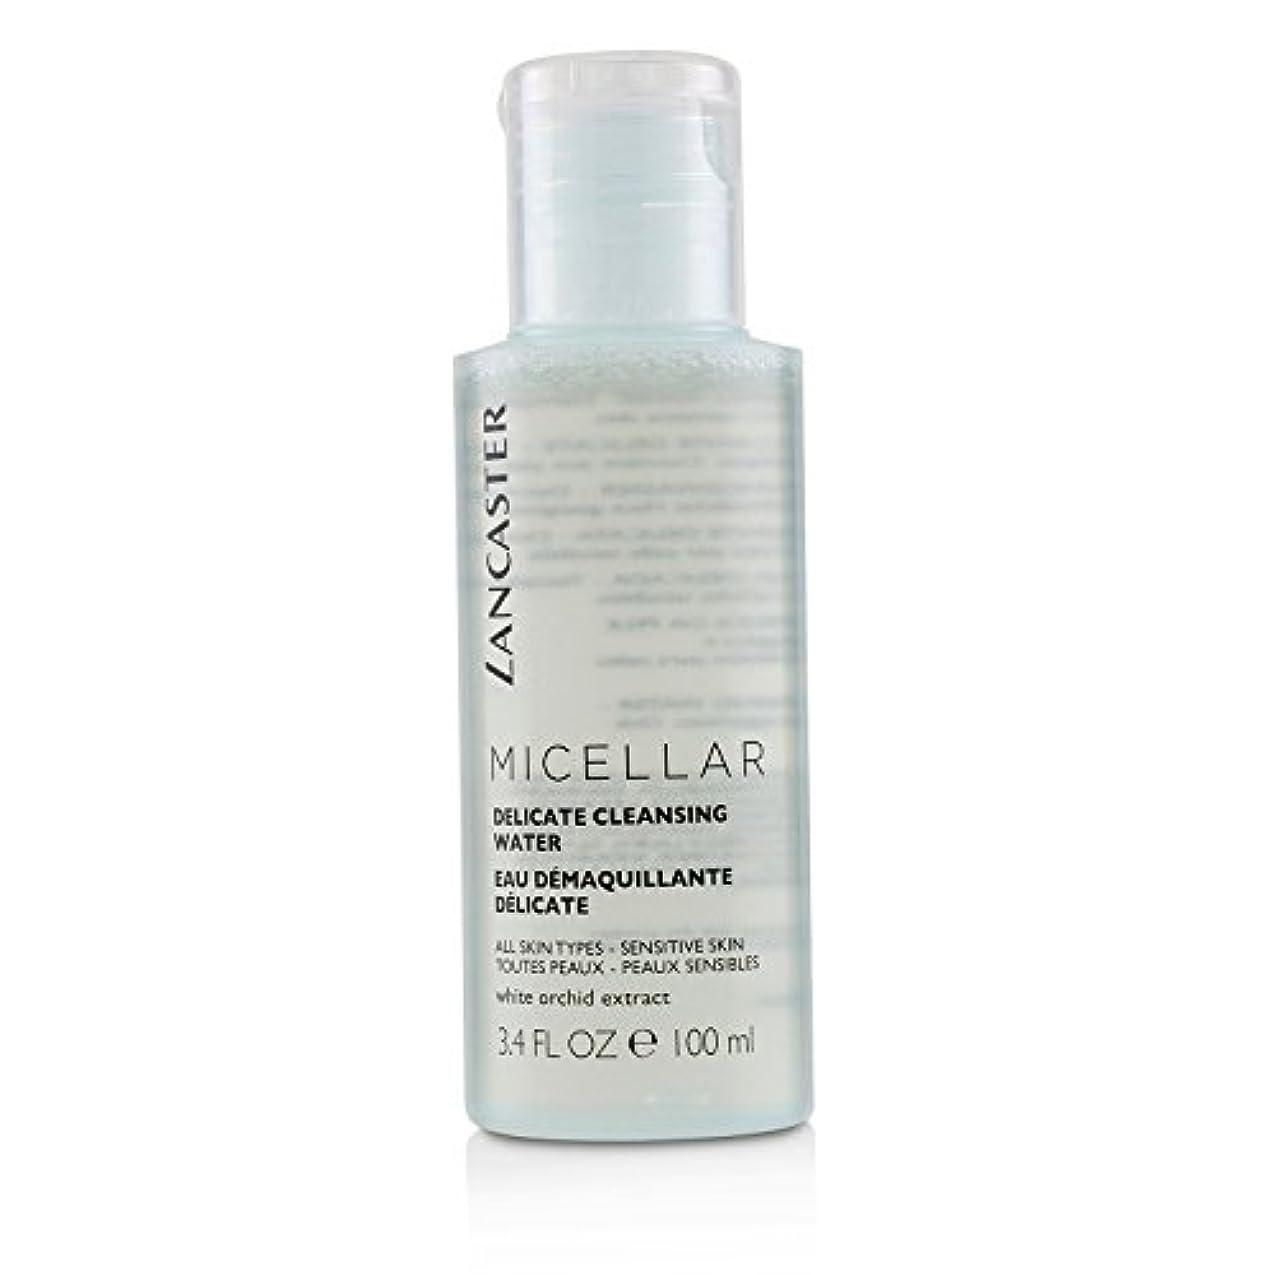 スラム街単に航海のランカスター Micellar Delicate Cleansing Water - All Skin Types, Including Sensitive Skin 100ml/3.4oz並行輸入品